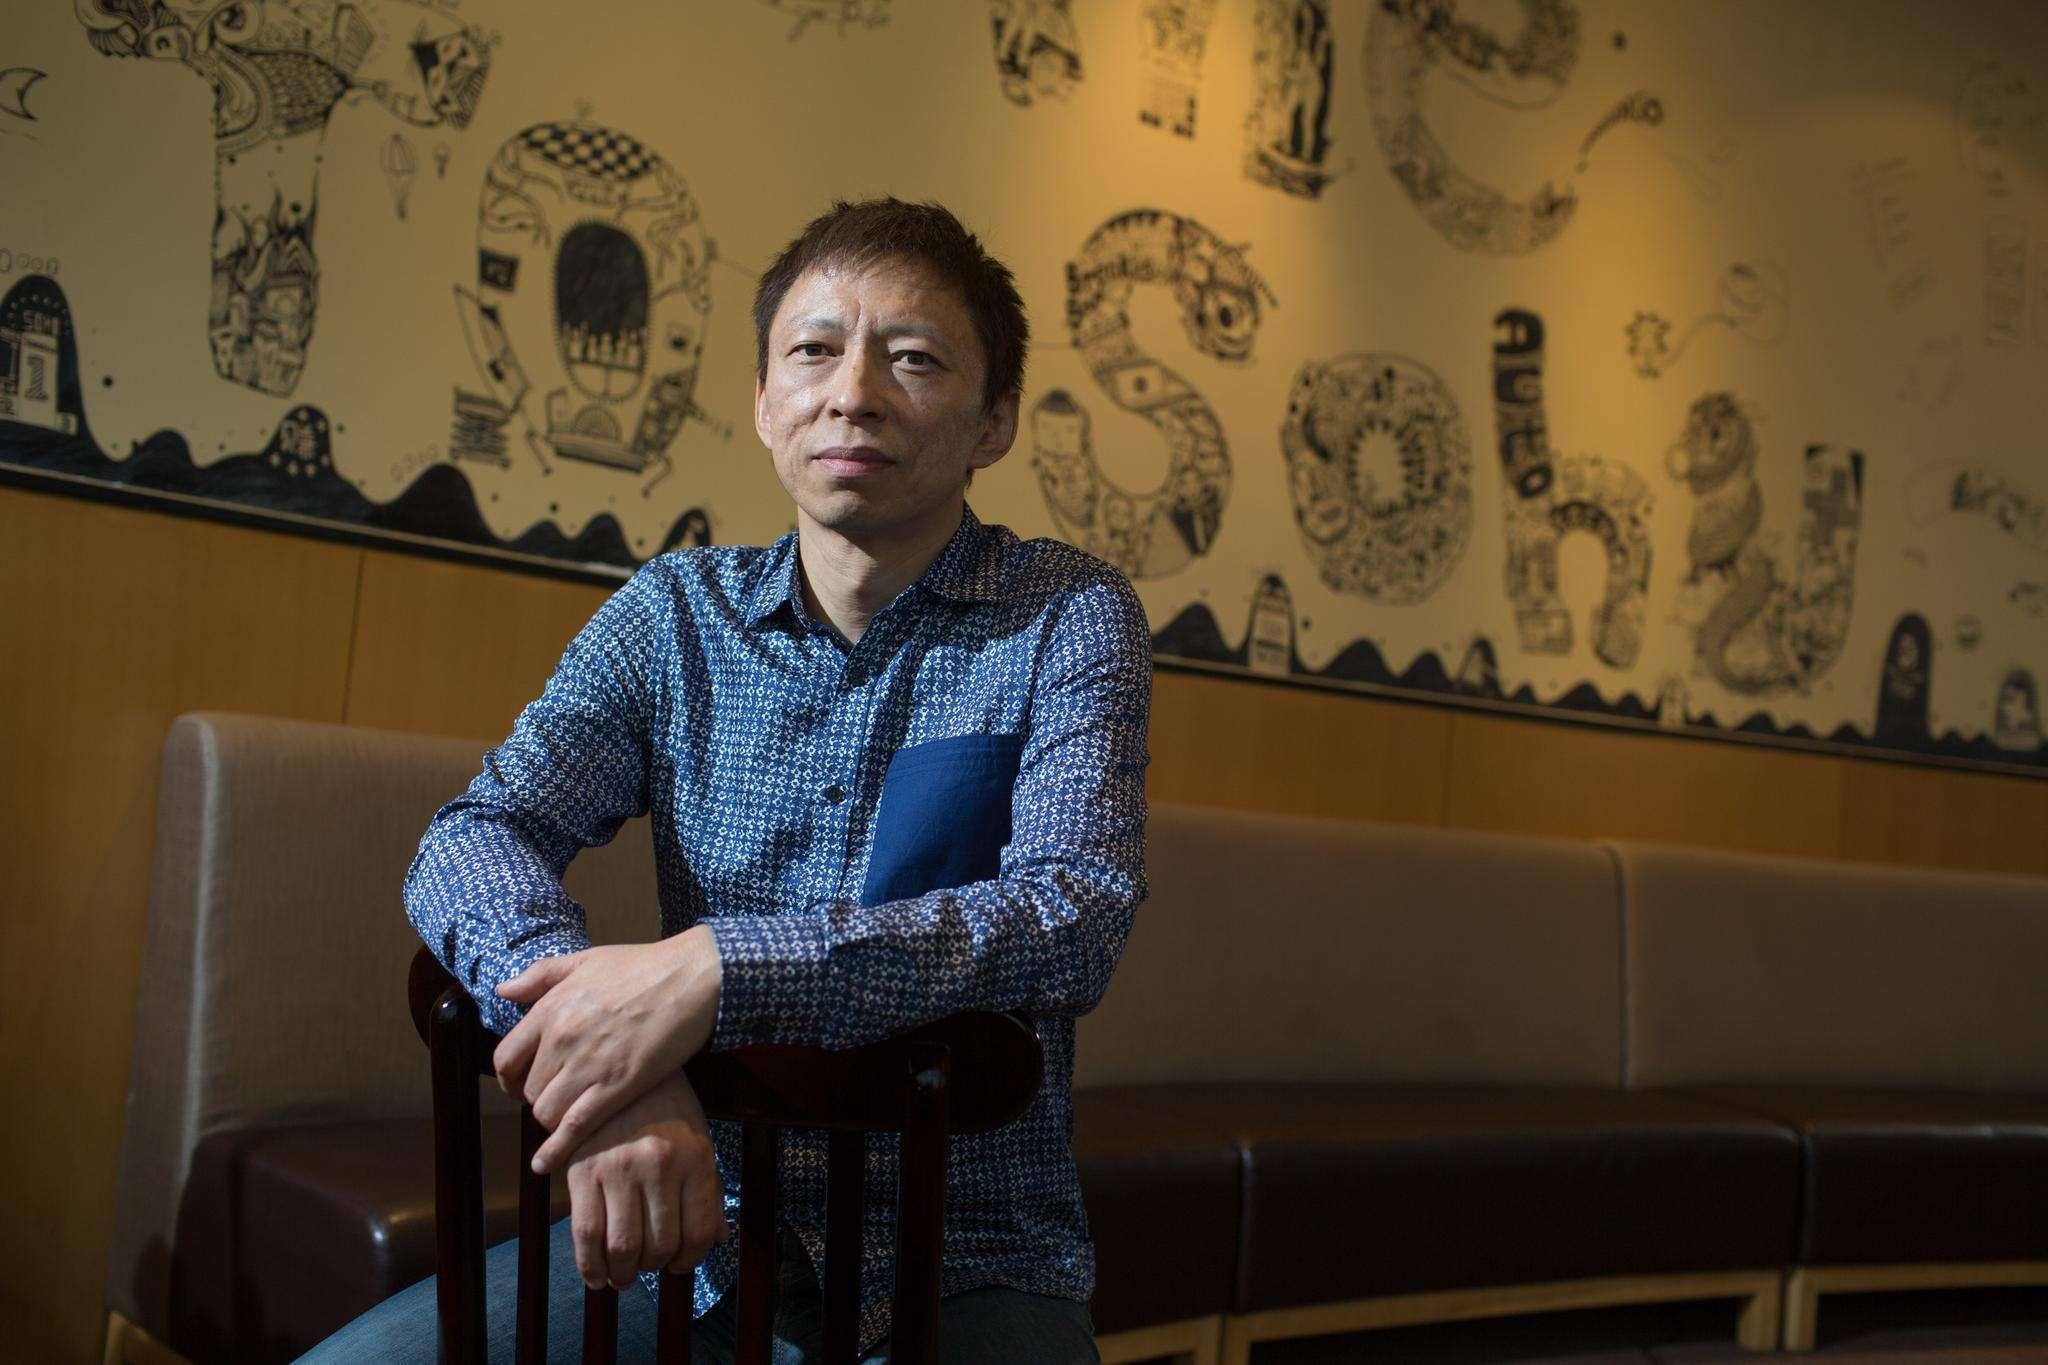 张朝阳回应搜狐员工迟到罚500:效果不错 可以再严些